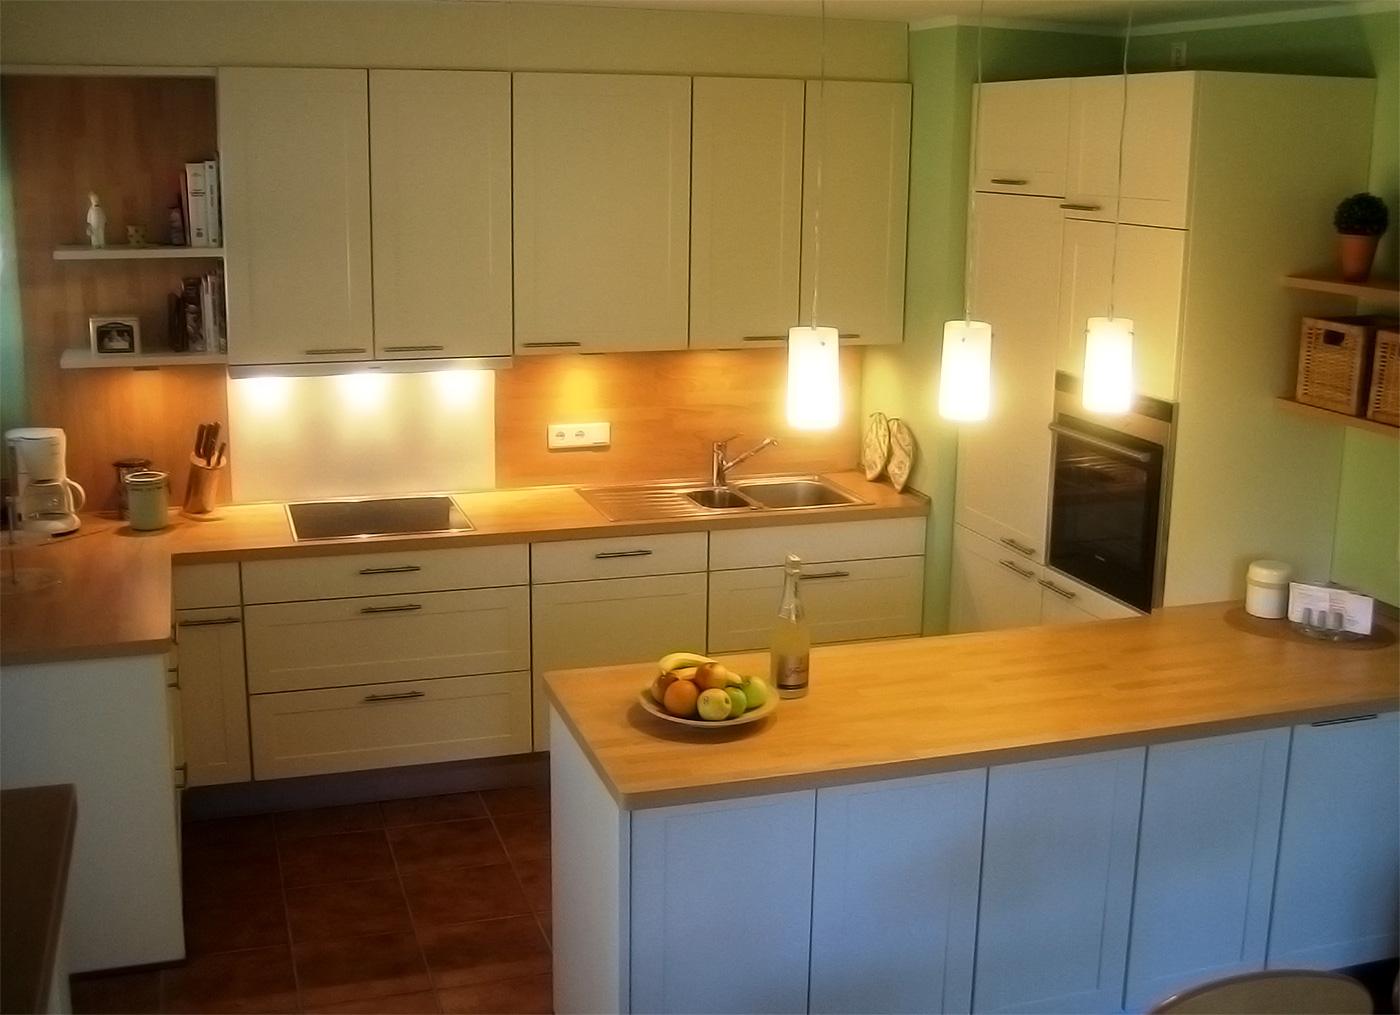 Referenzen von Küche & Raum Ihr Feedback